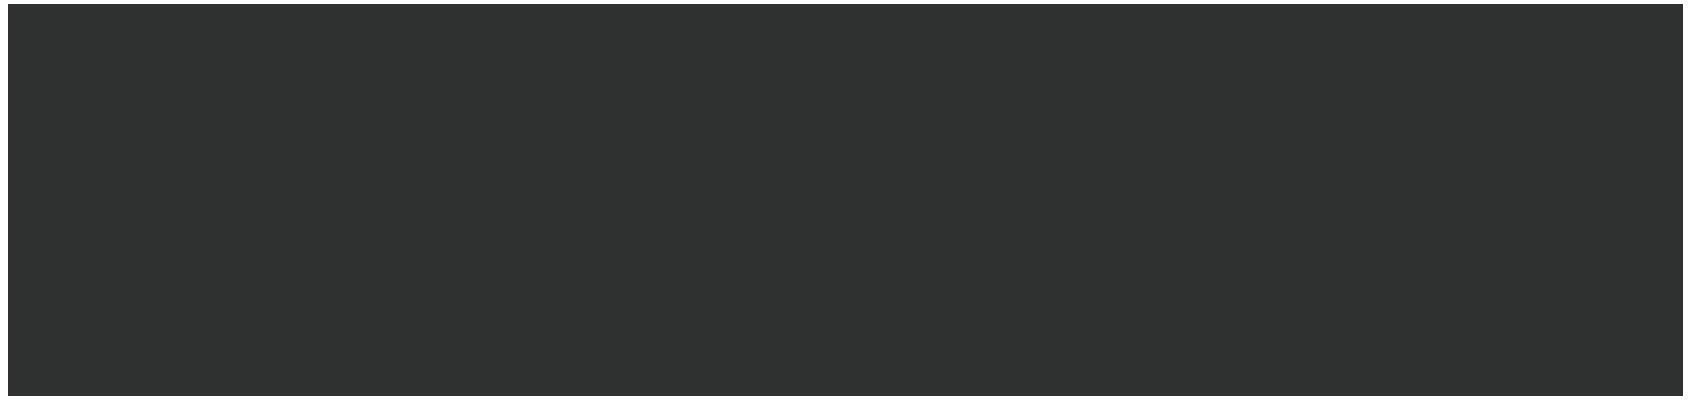 ORRO Private Collection